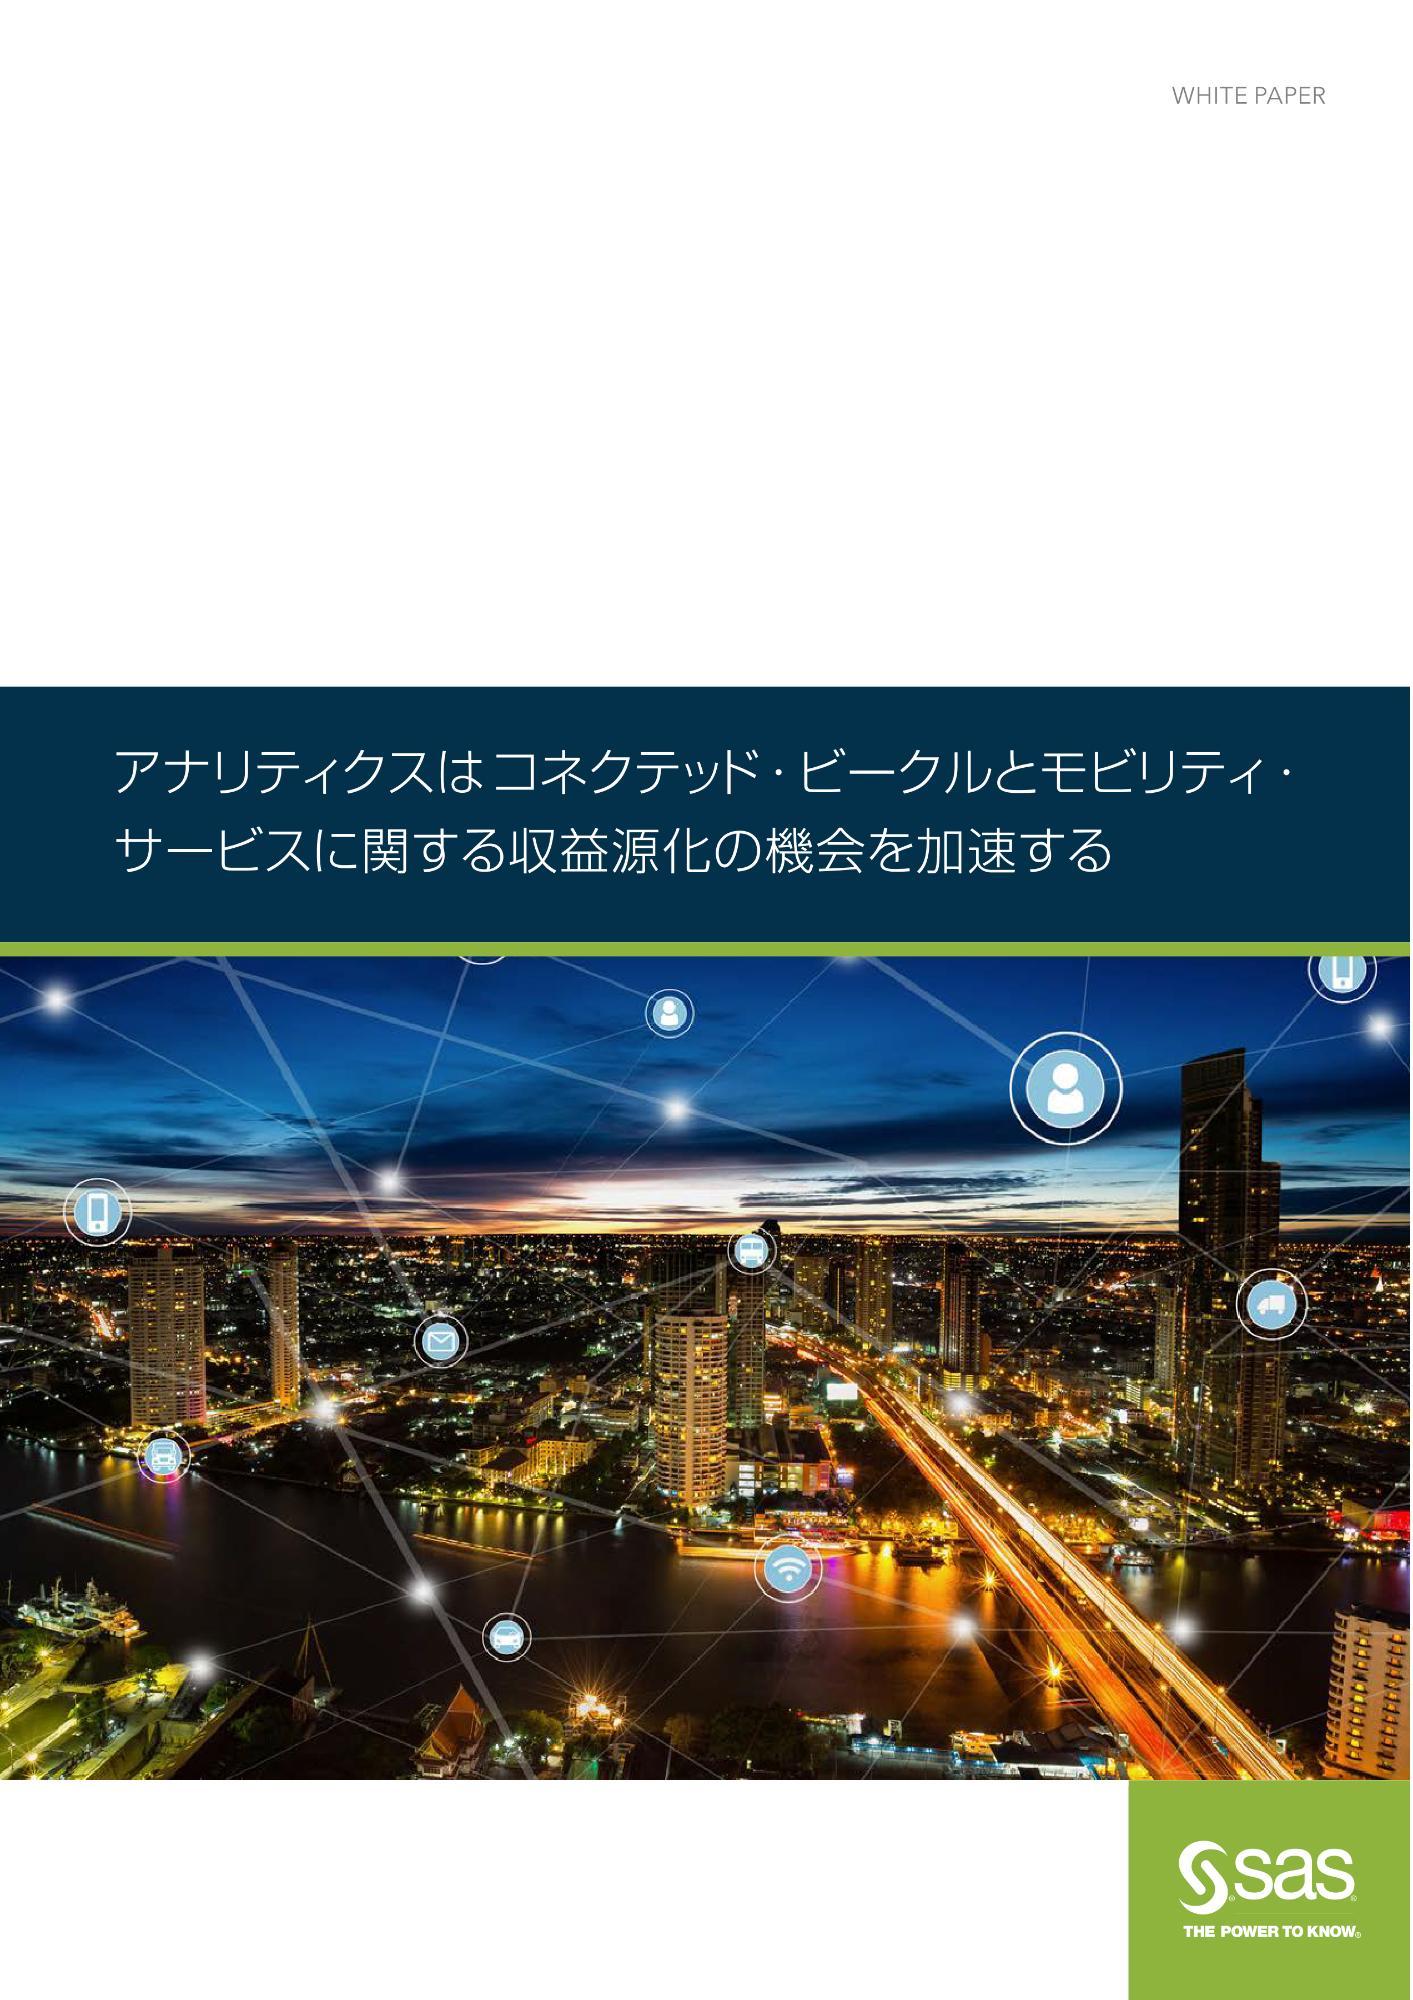 アナリティクスはコネクテッド・ビークルとモビリティ・ サービスに関する収益源化の機会を加速する